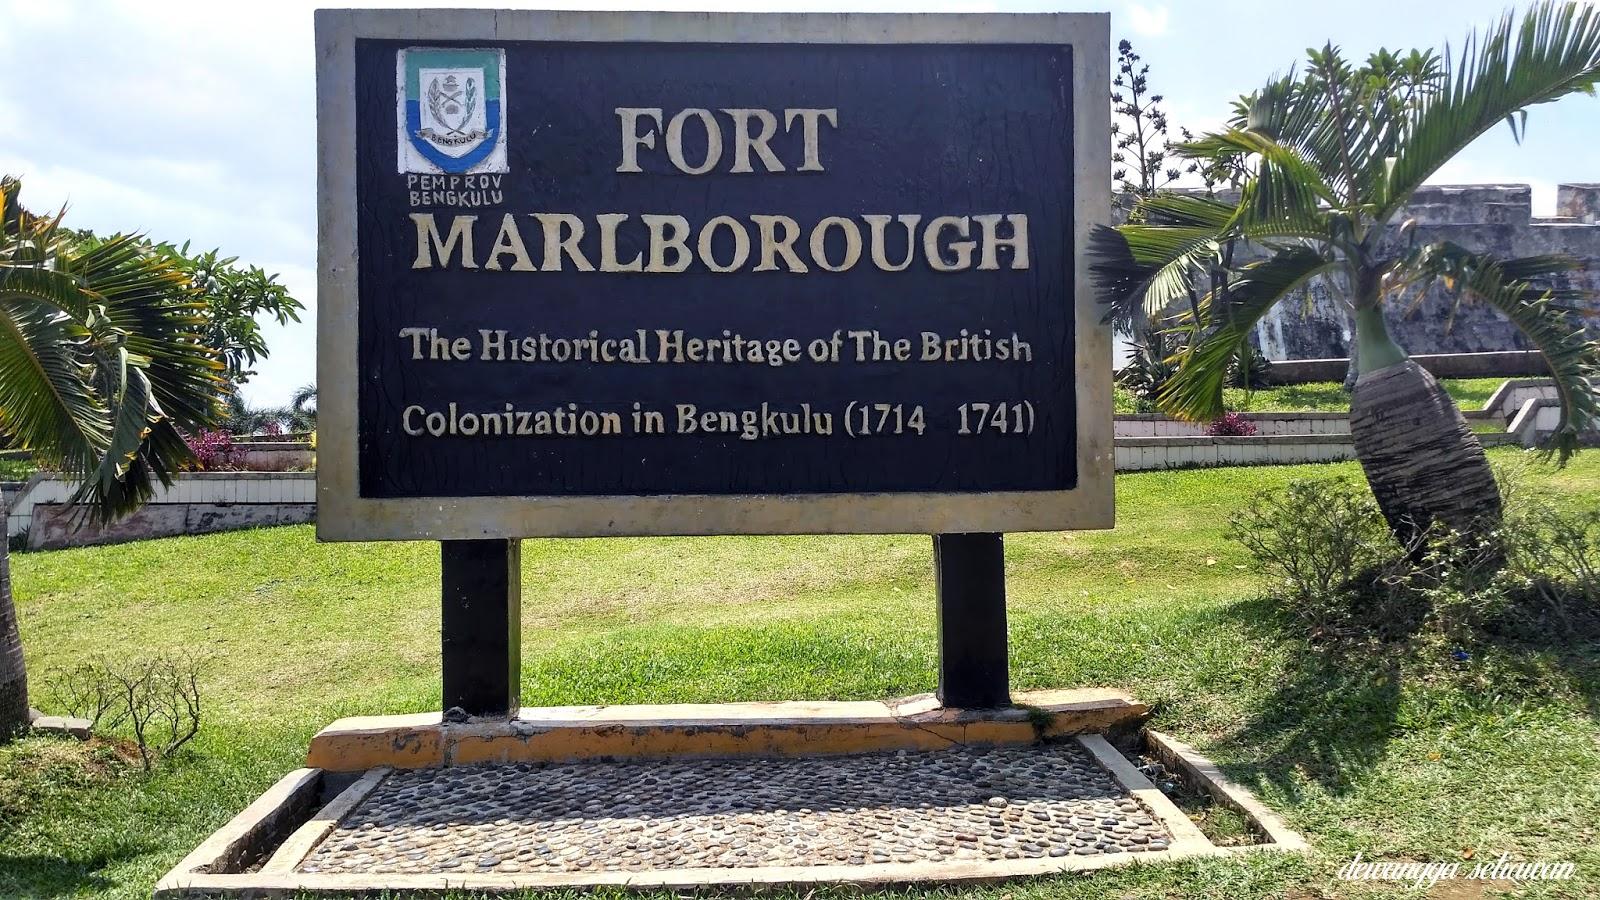 Wisata Sejarah Benteng Fort Marlborough Bengkulu